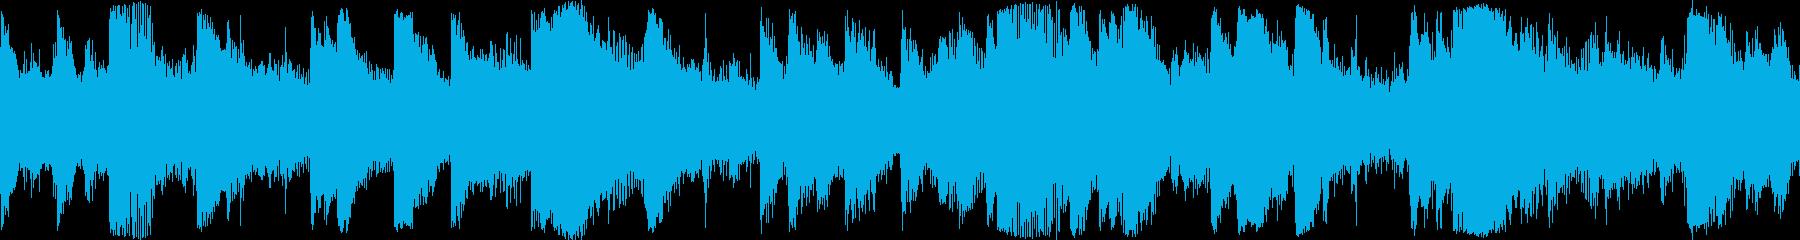 ピアノ、ストリングス、そして若干ラ...の再生済みの波形